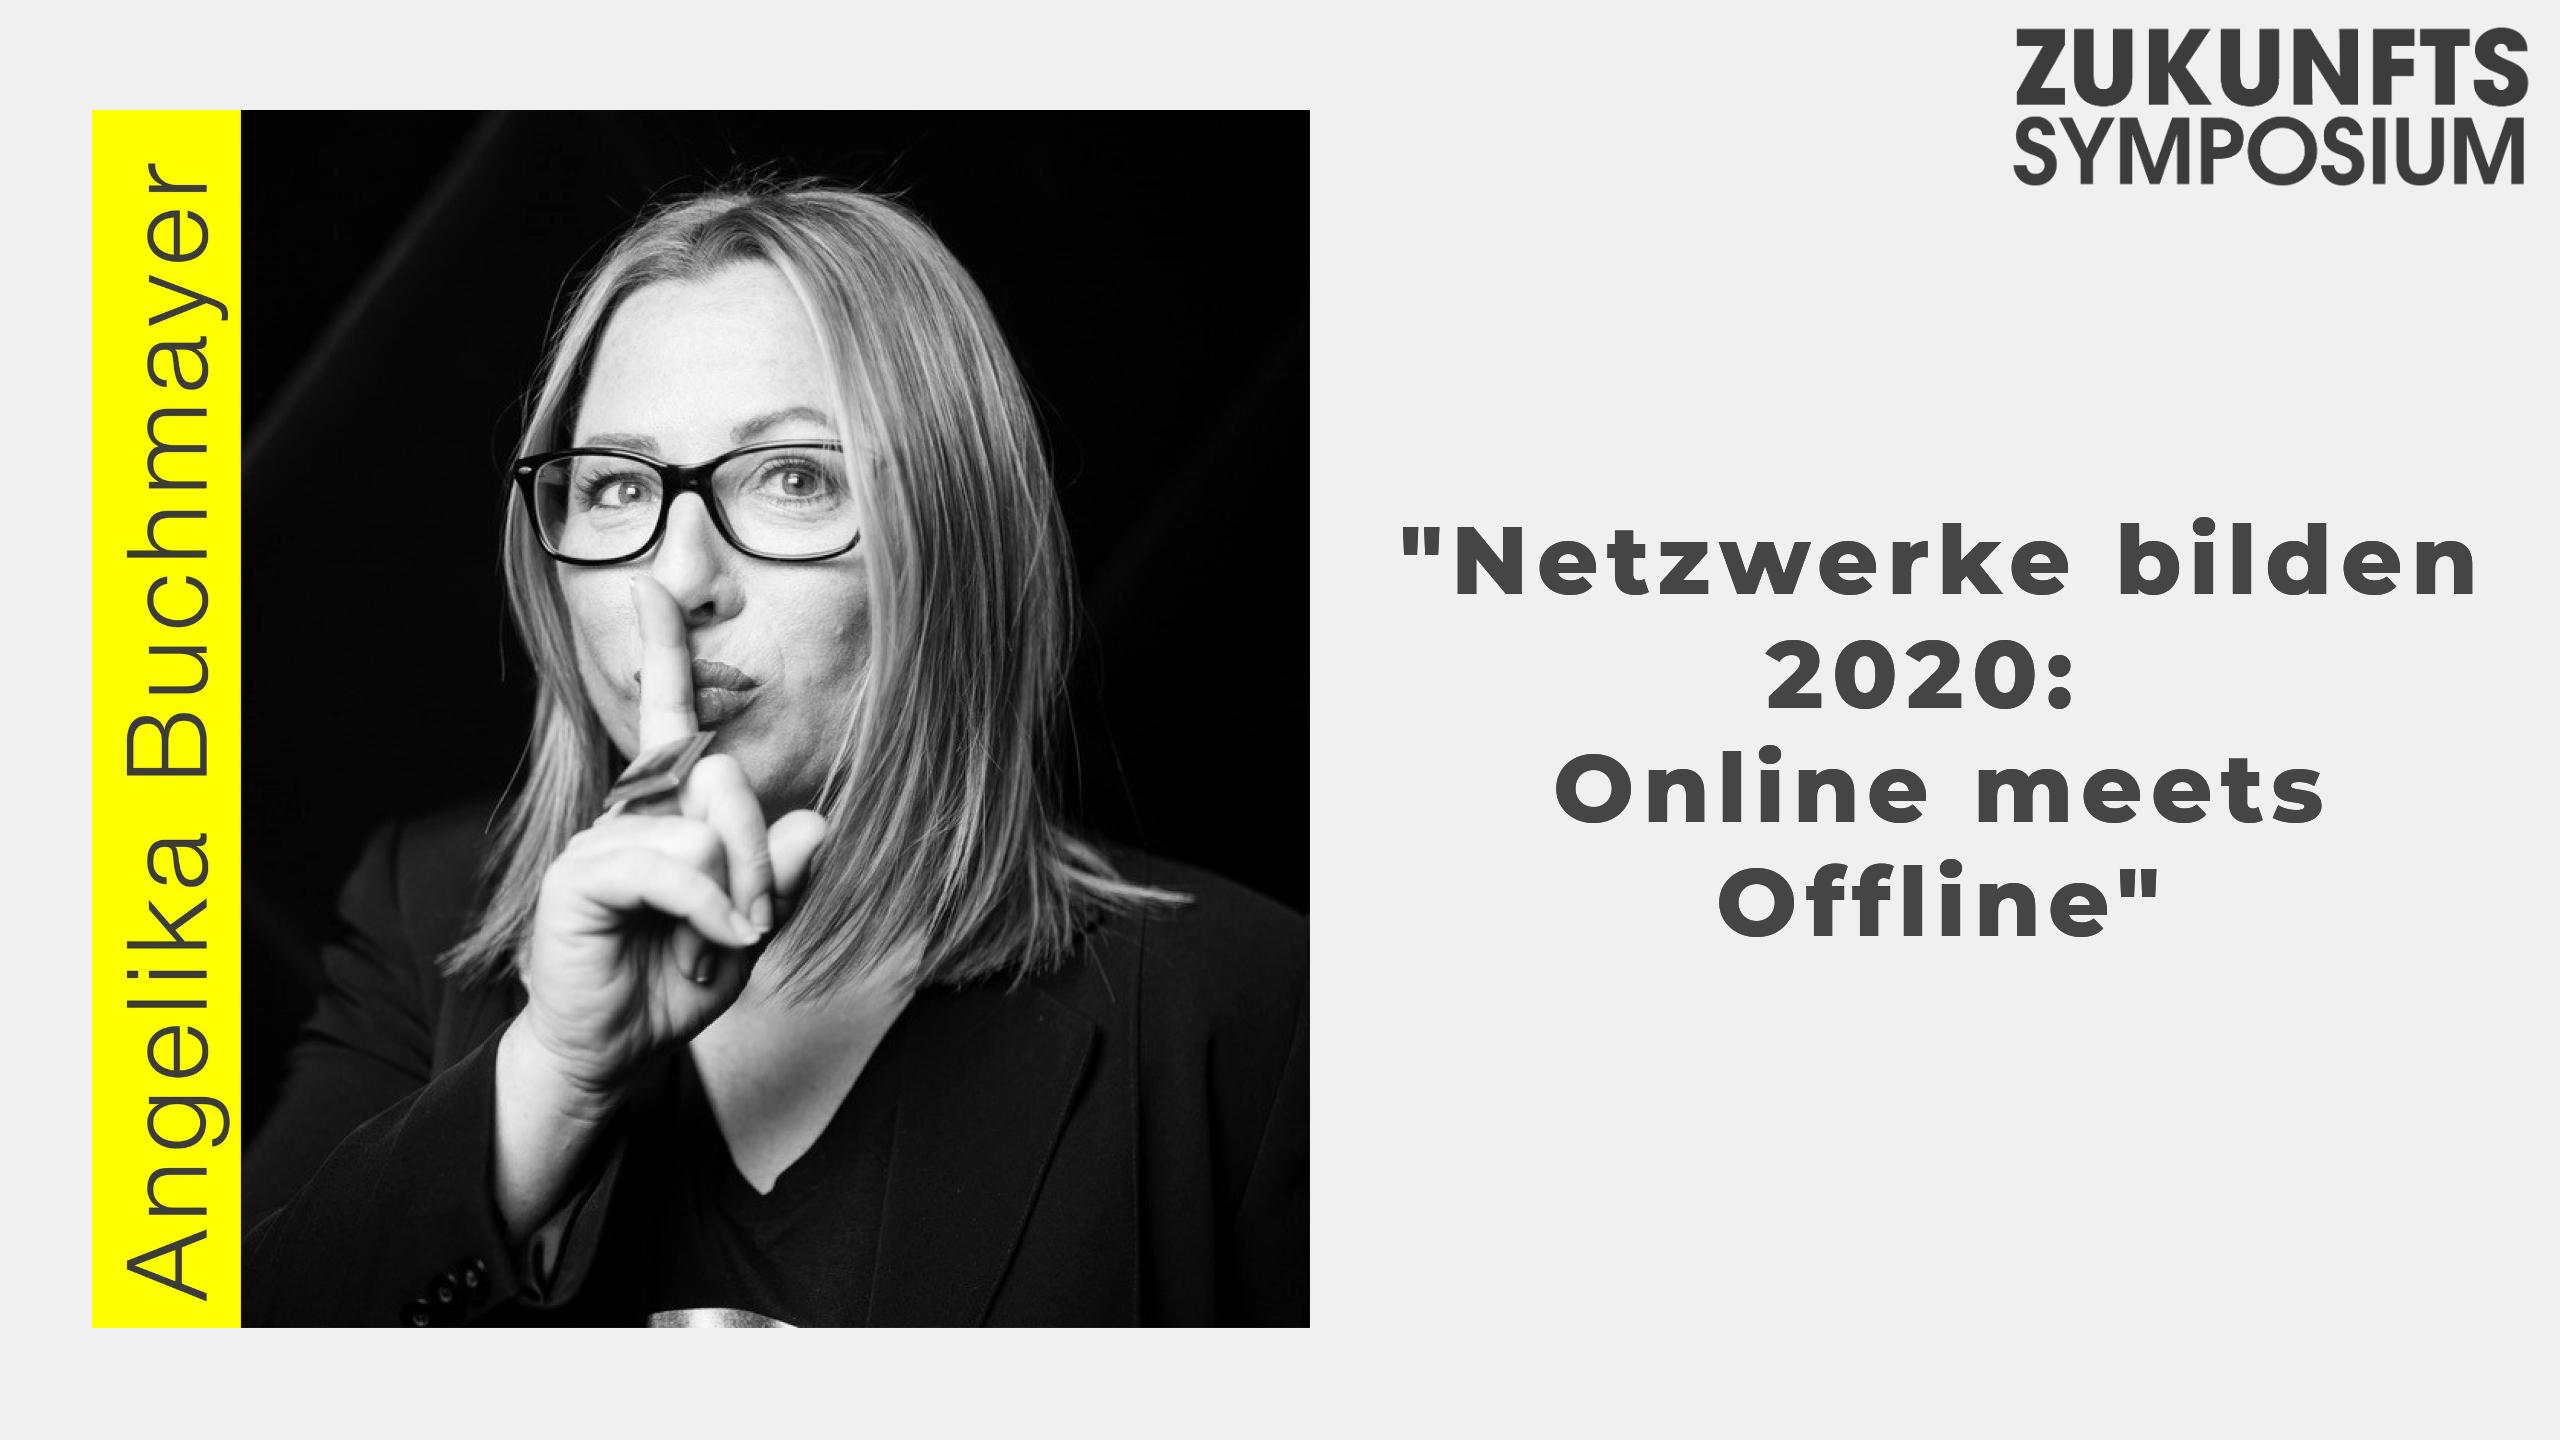 Netzwerke bilden 2020: Online meets Offline